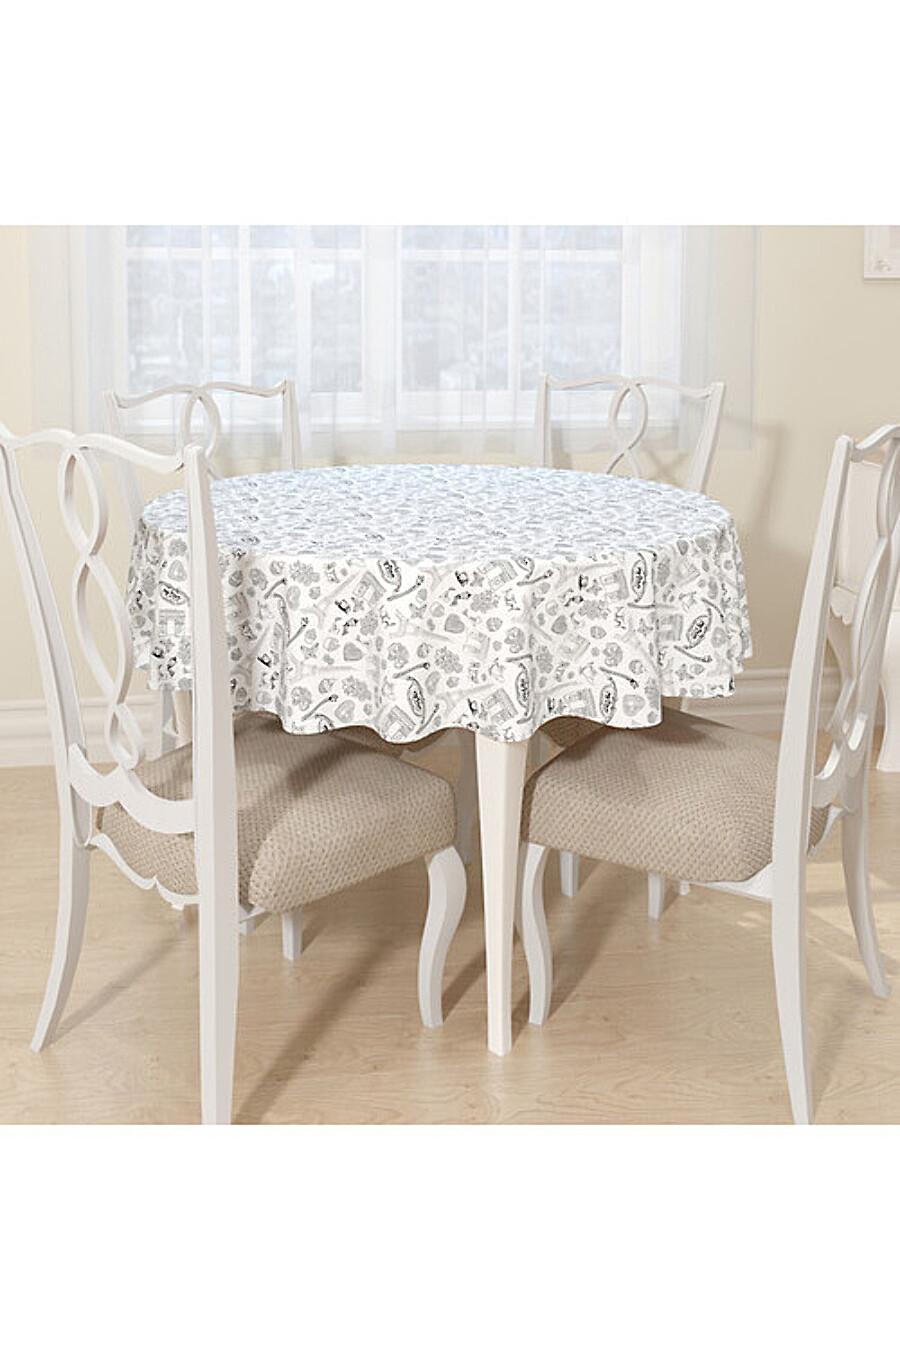 Скатерть для дома ART HOME TEXTILE 180284 купить оптом от производителя. Совместная покупка товаров для дома в OptMoyo